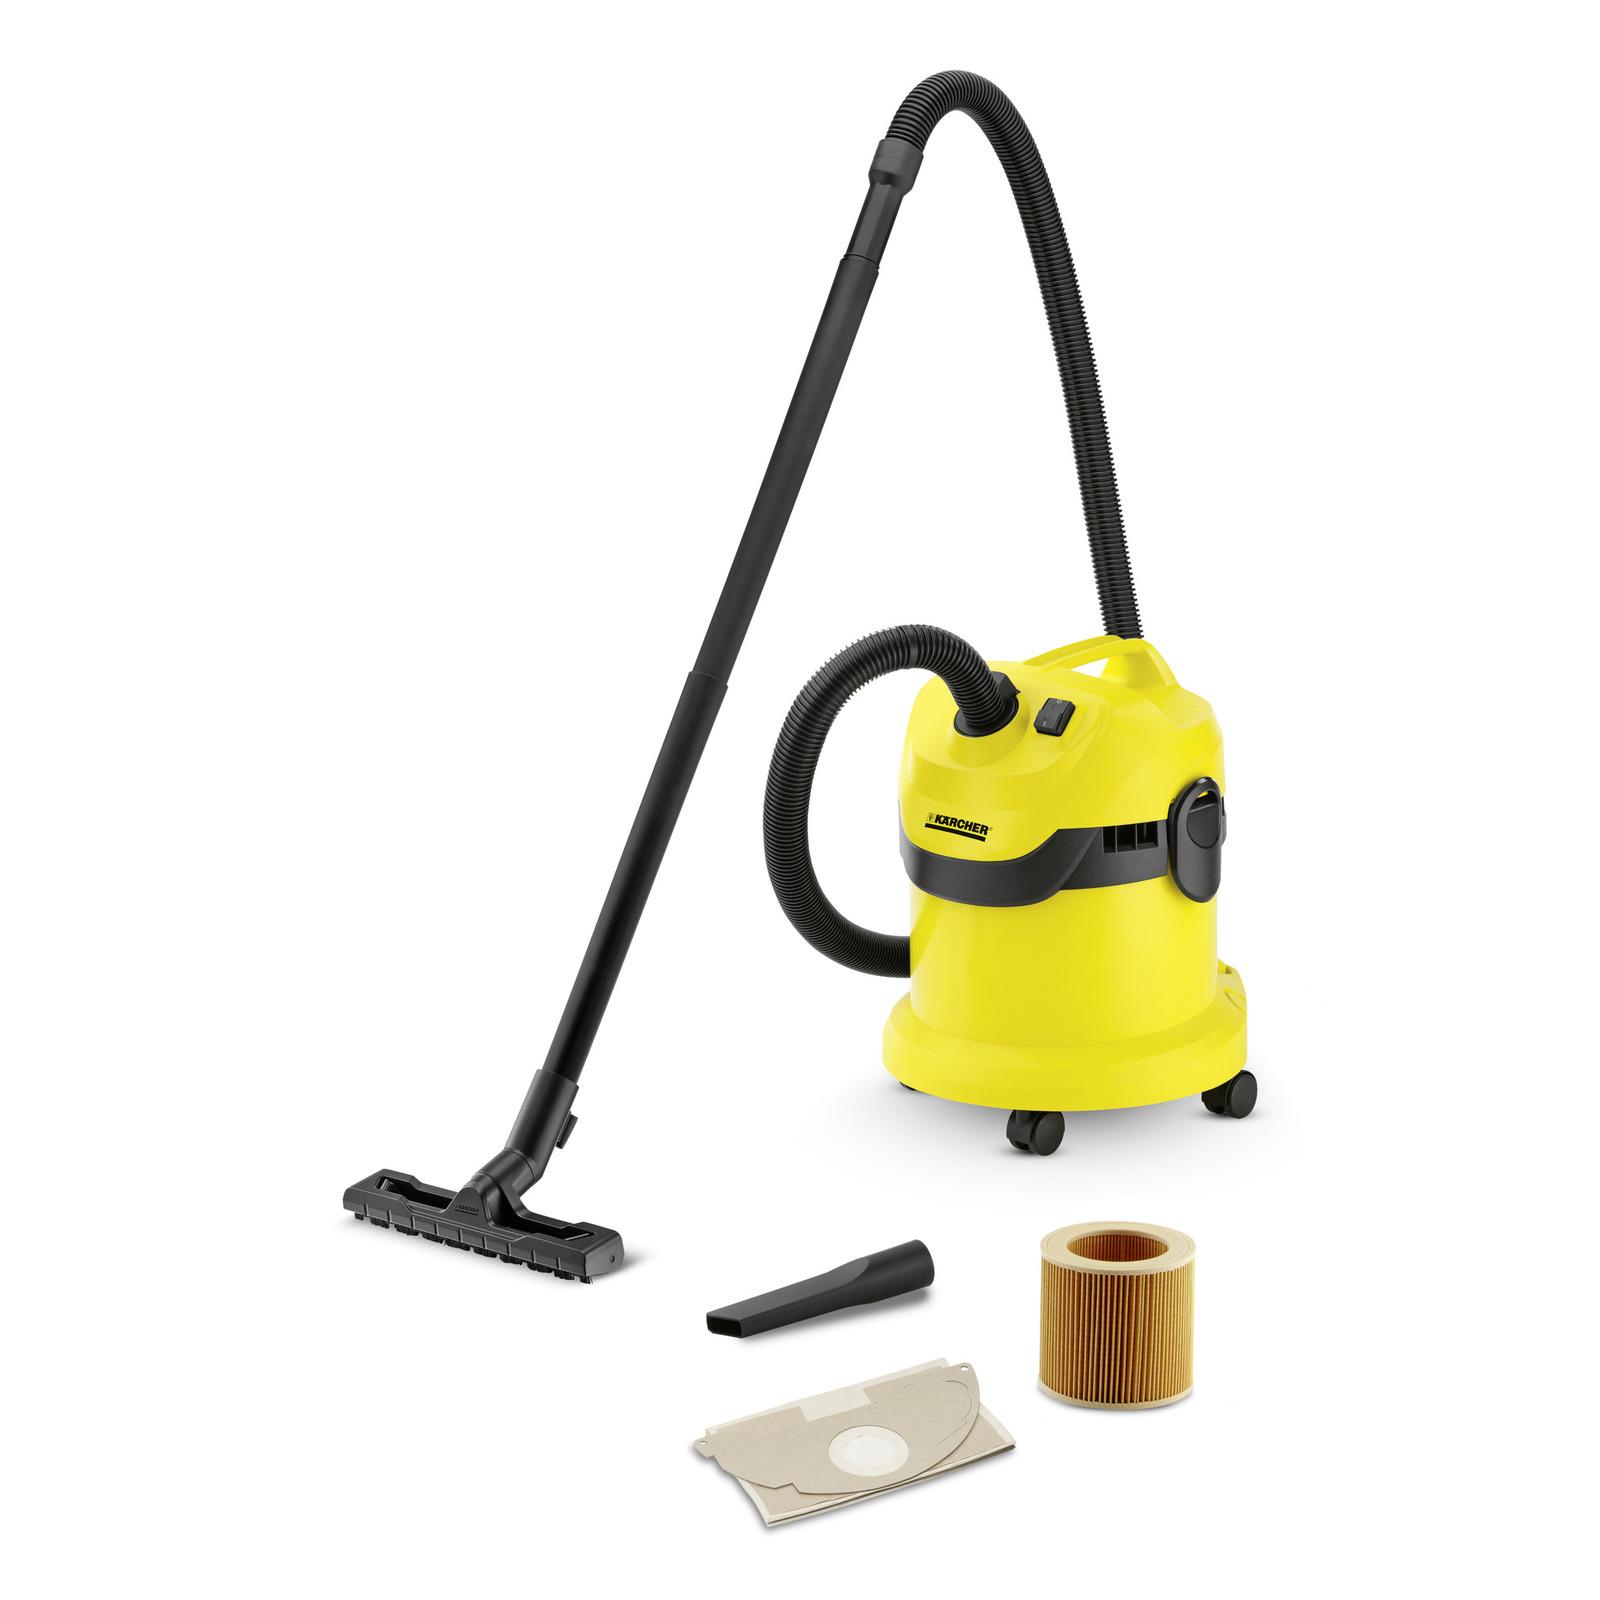 KARCHER 1.629-763.0 - WD2 Multi-Purpose Vacuum Cleaner